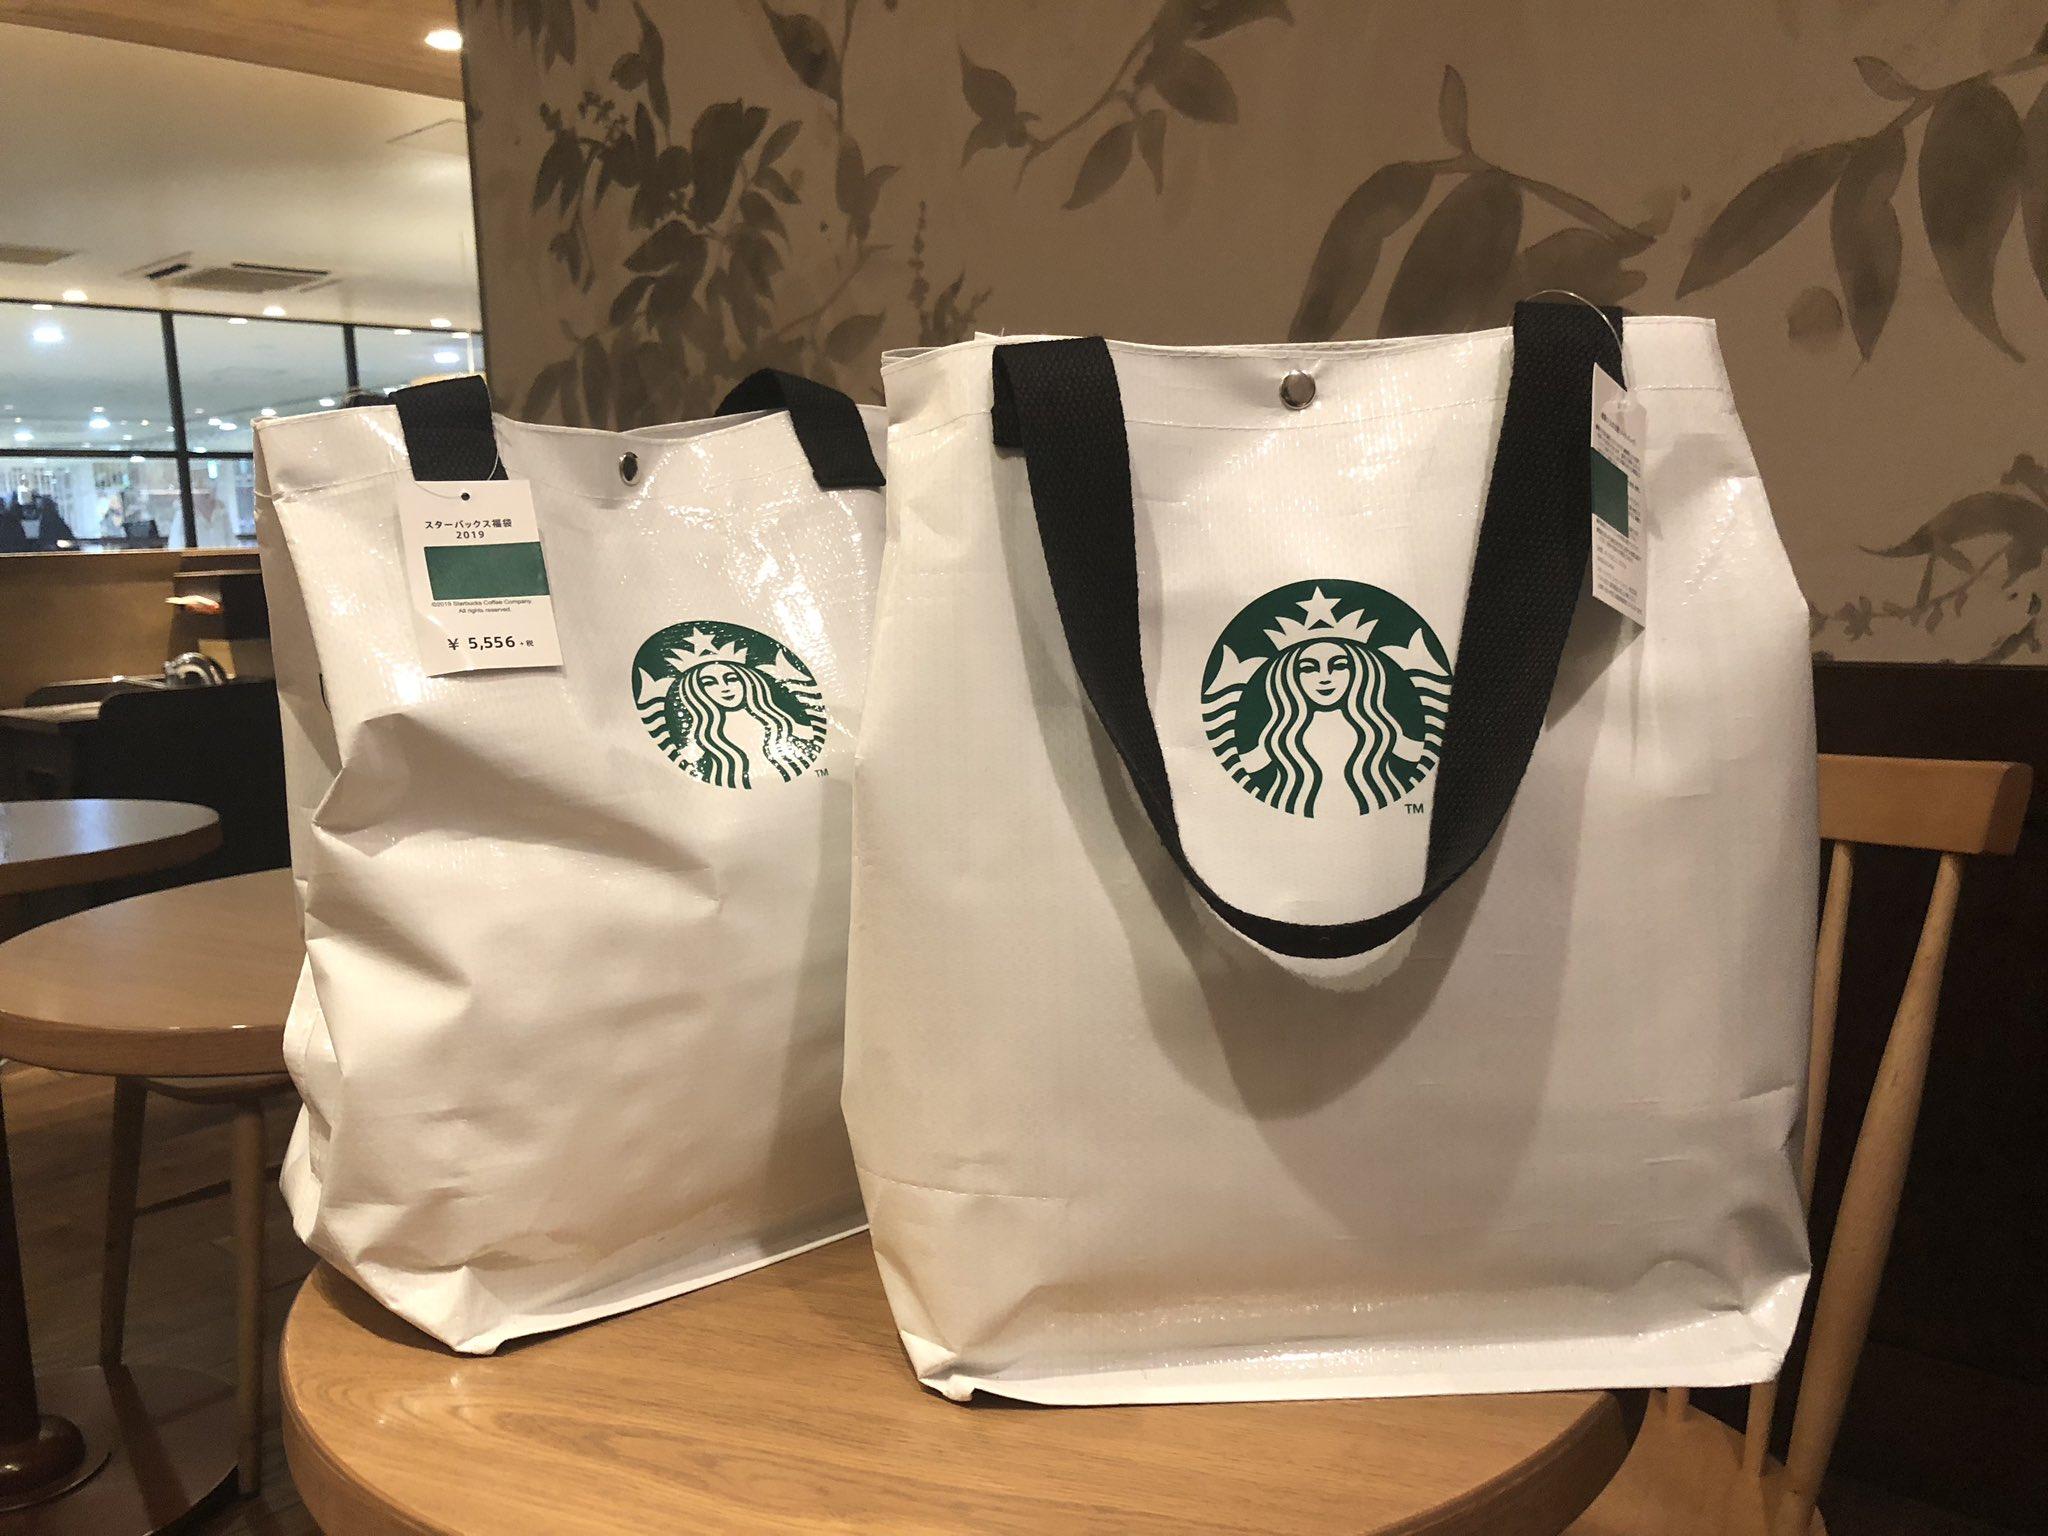 画像,スタバの福袋2019を買ったよー✨ https://t.co/vJ4wPAt4B2。